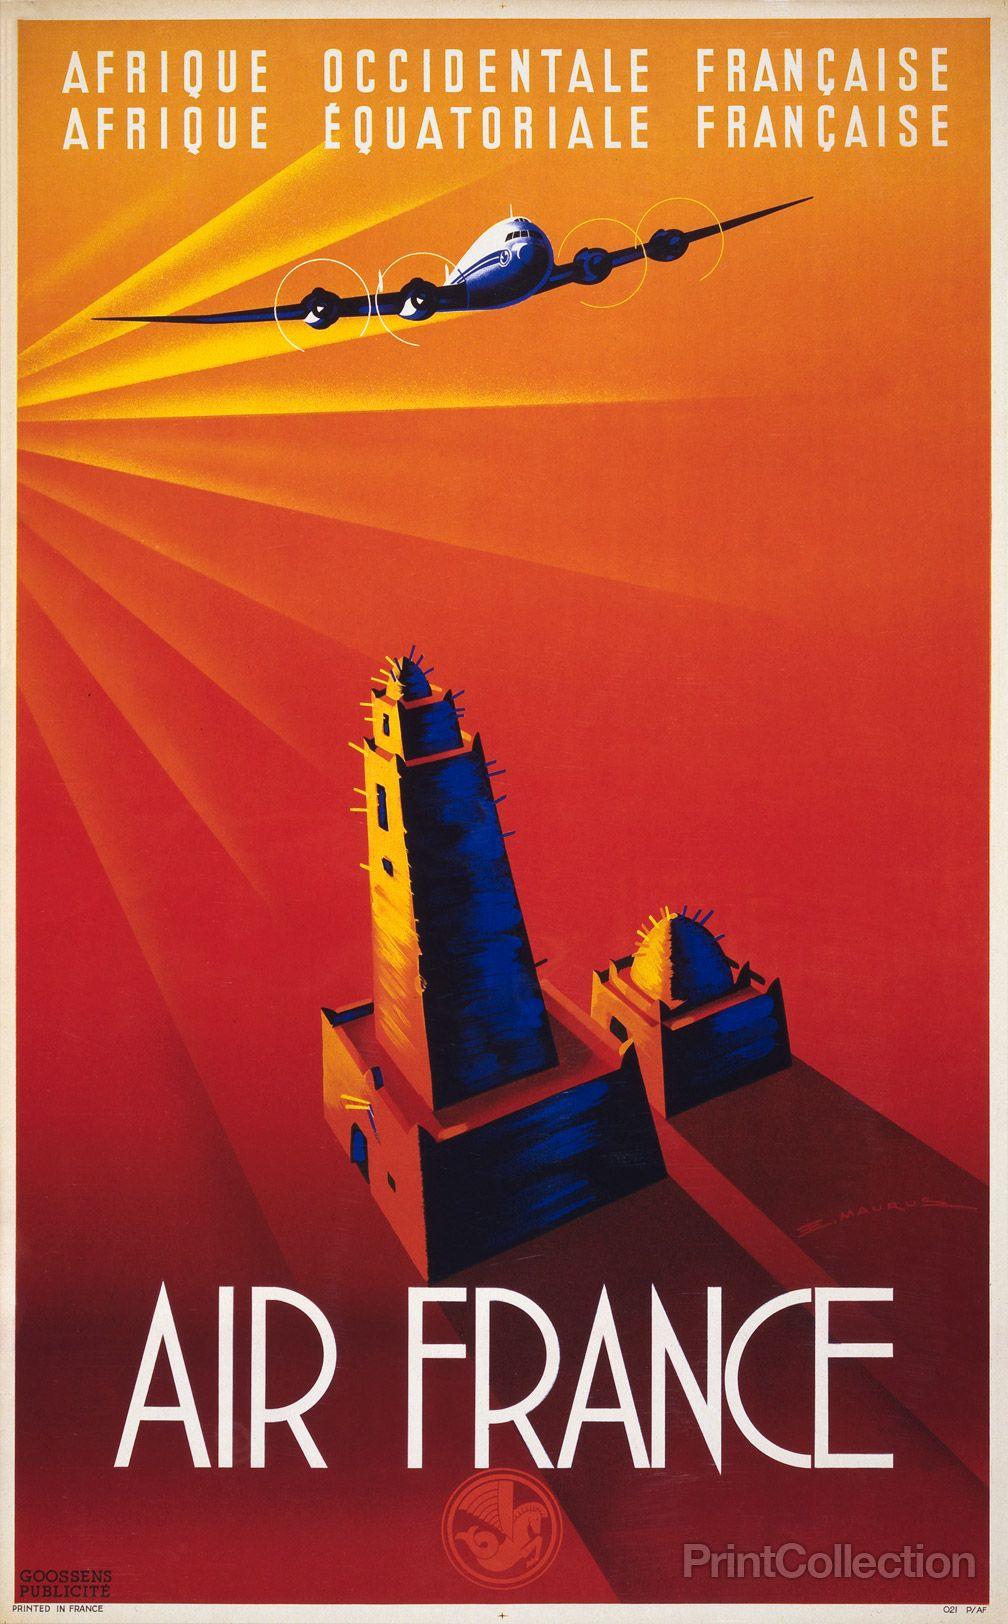 Affiche Air France Afrique Occidentale Afrique Equatoriale Guerra